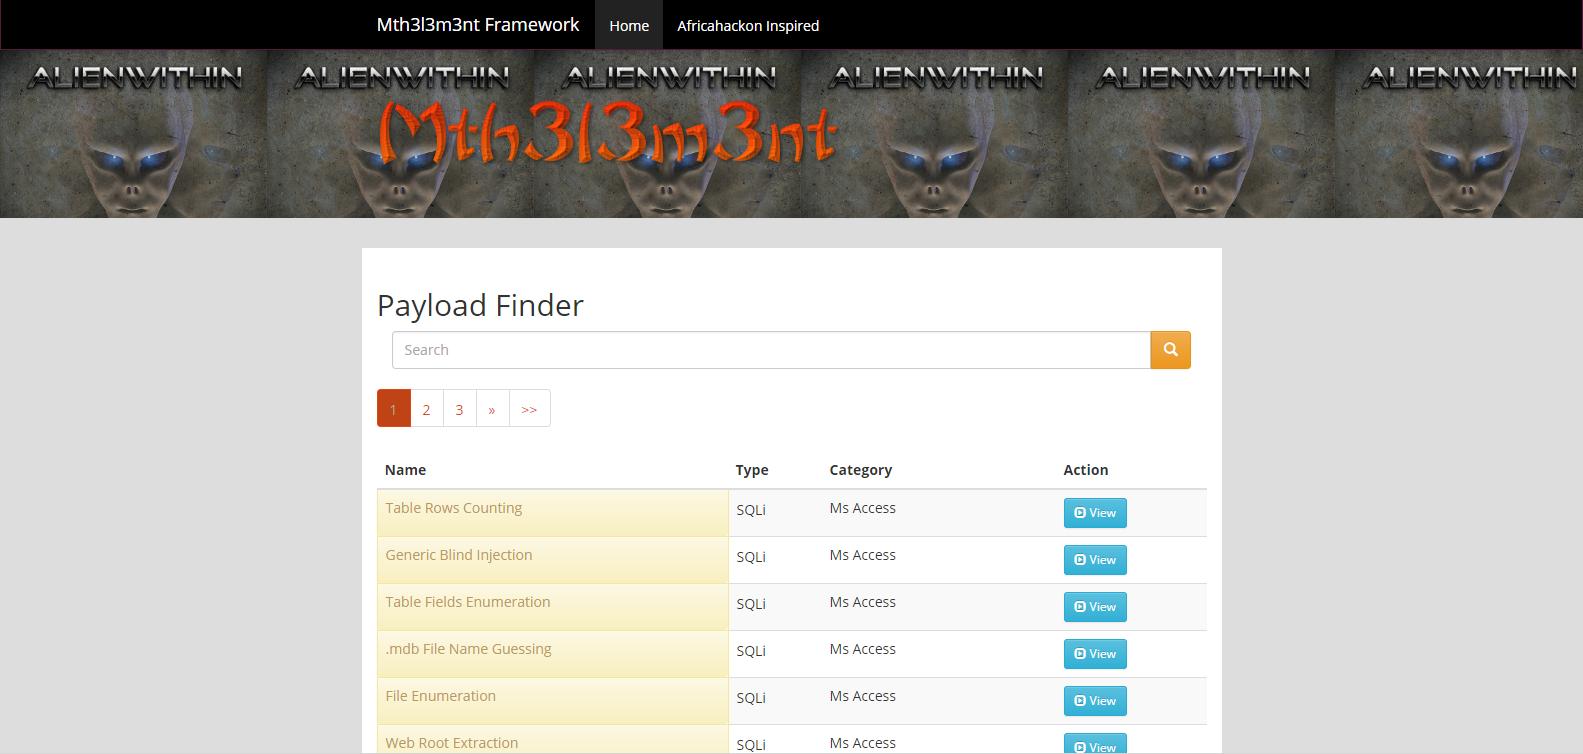 OWASP Mth3l3m3nt Framework – Munir Njiru Njenga